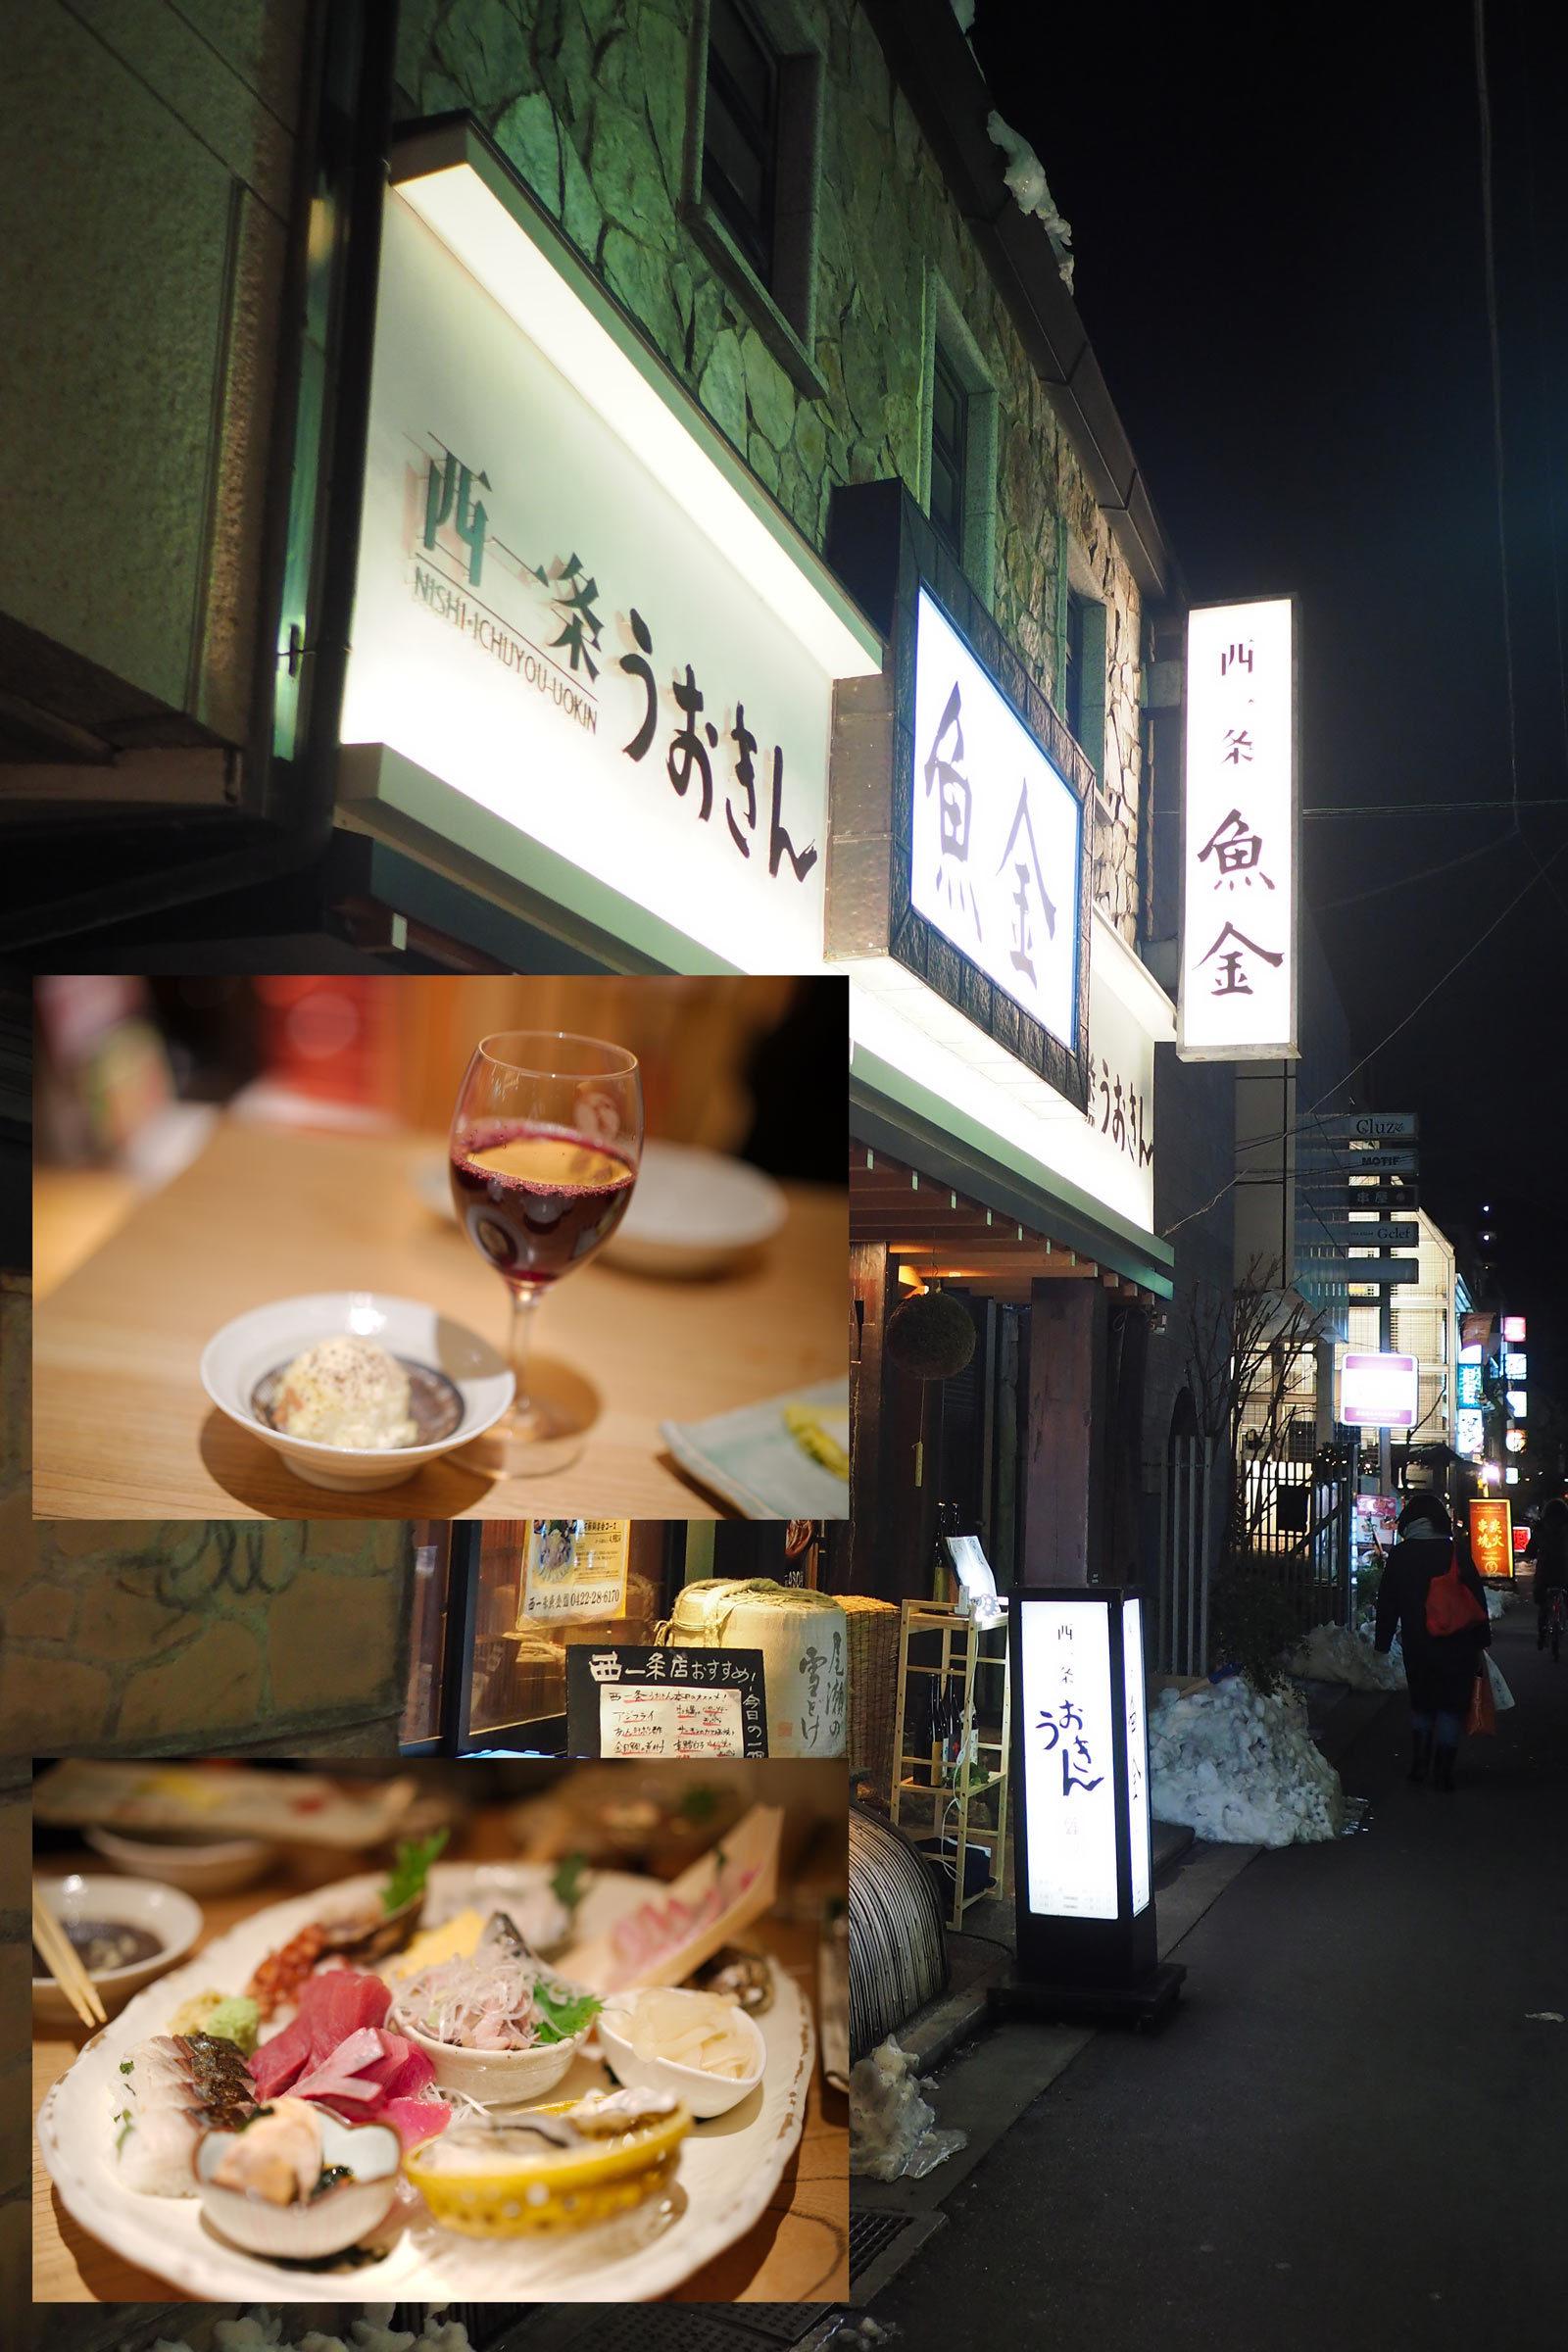 寒波!寒い吉祥寺で飲む。_a0271402_21122706.jpg